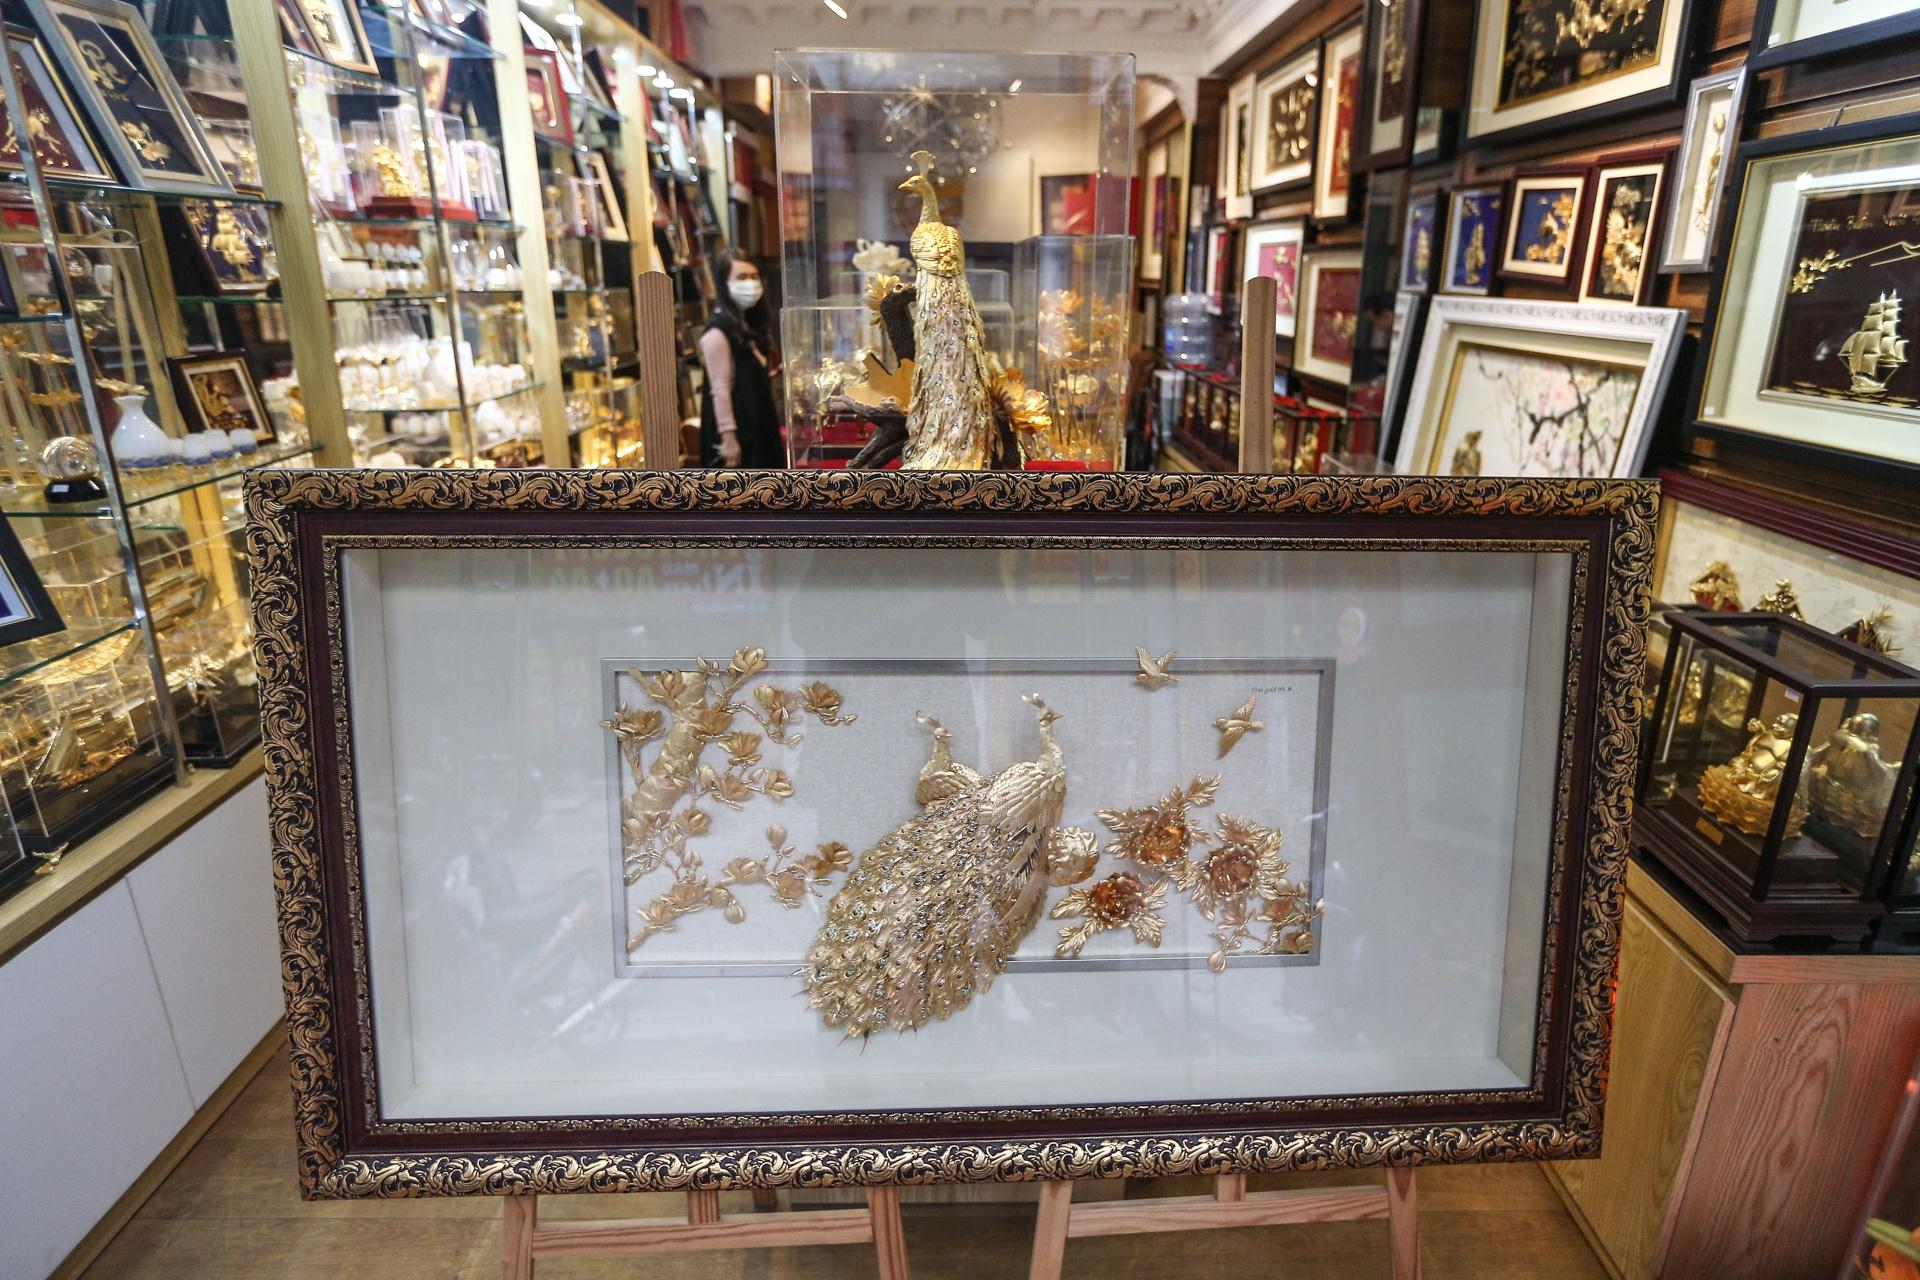 Hoa mạ vàng tiền triệu ngập tràn thị trường quà tặng ngày 8/3 - Ảnh 10.